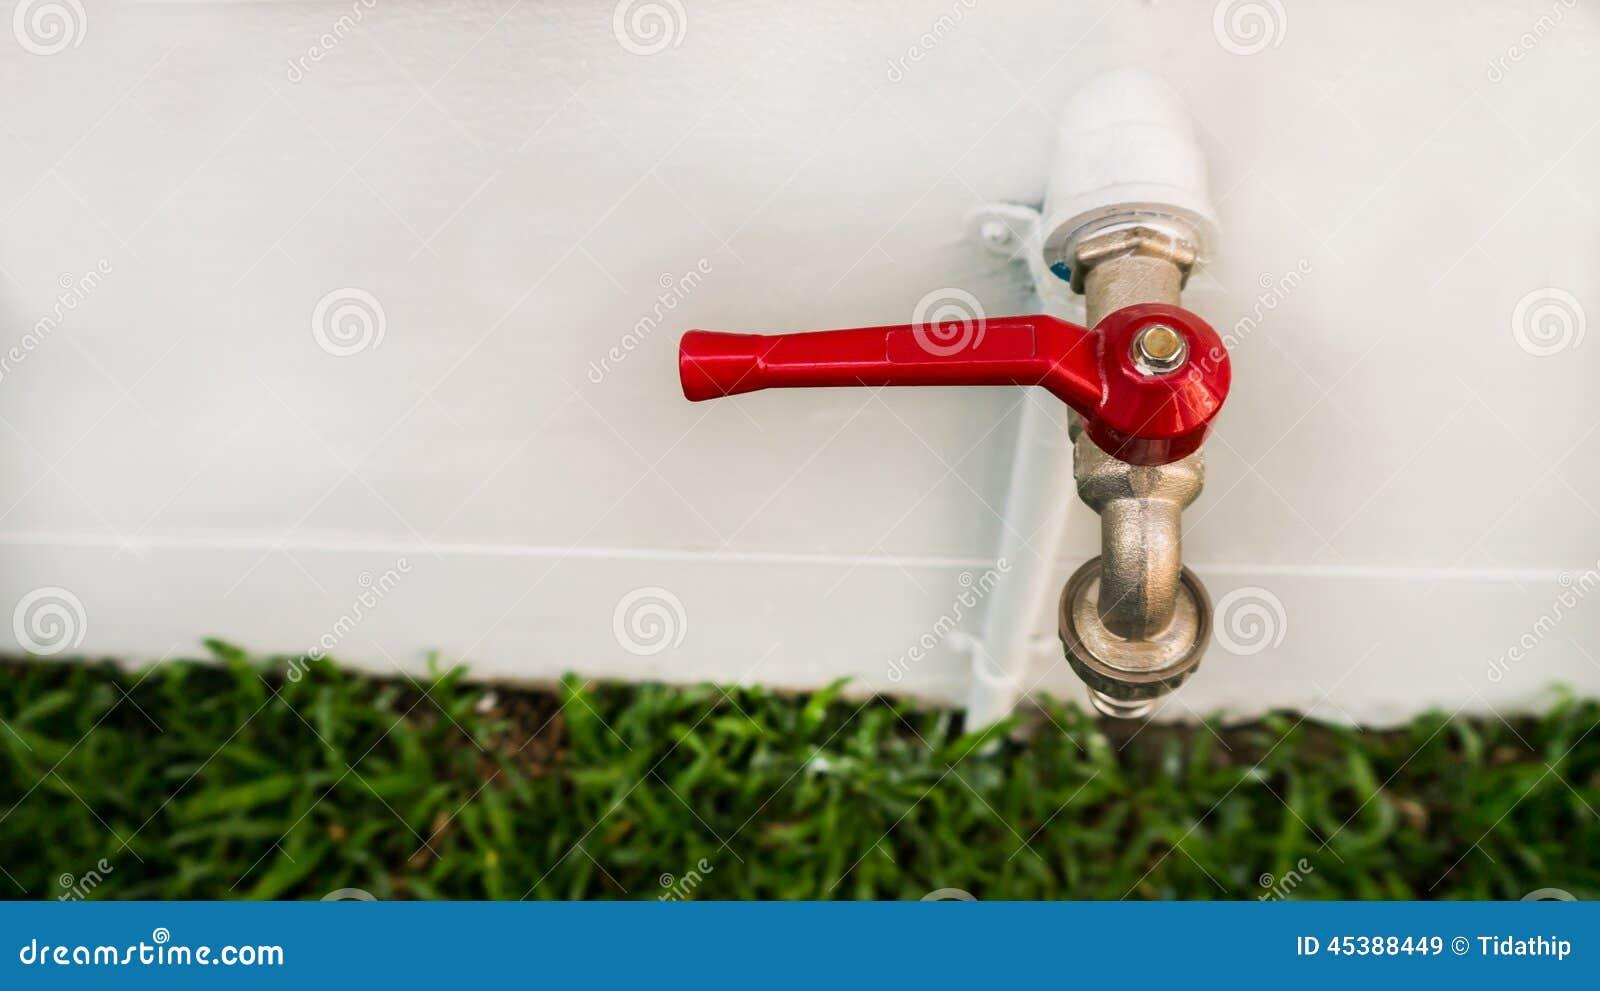 Rubinetto Di Acqua Rossa Nel Giardino Immagine Stock - Immagine: 45388449